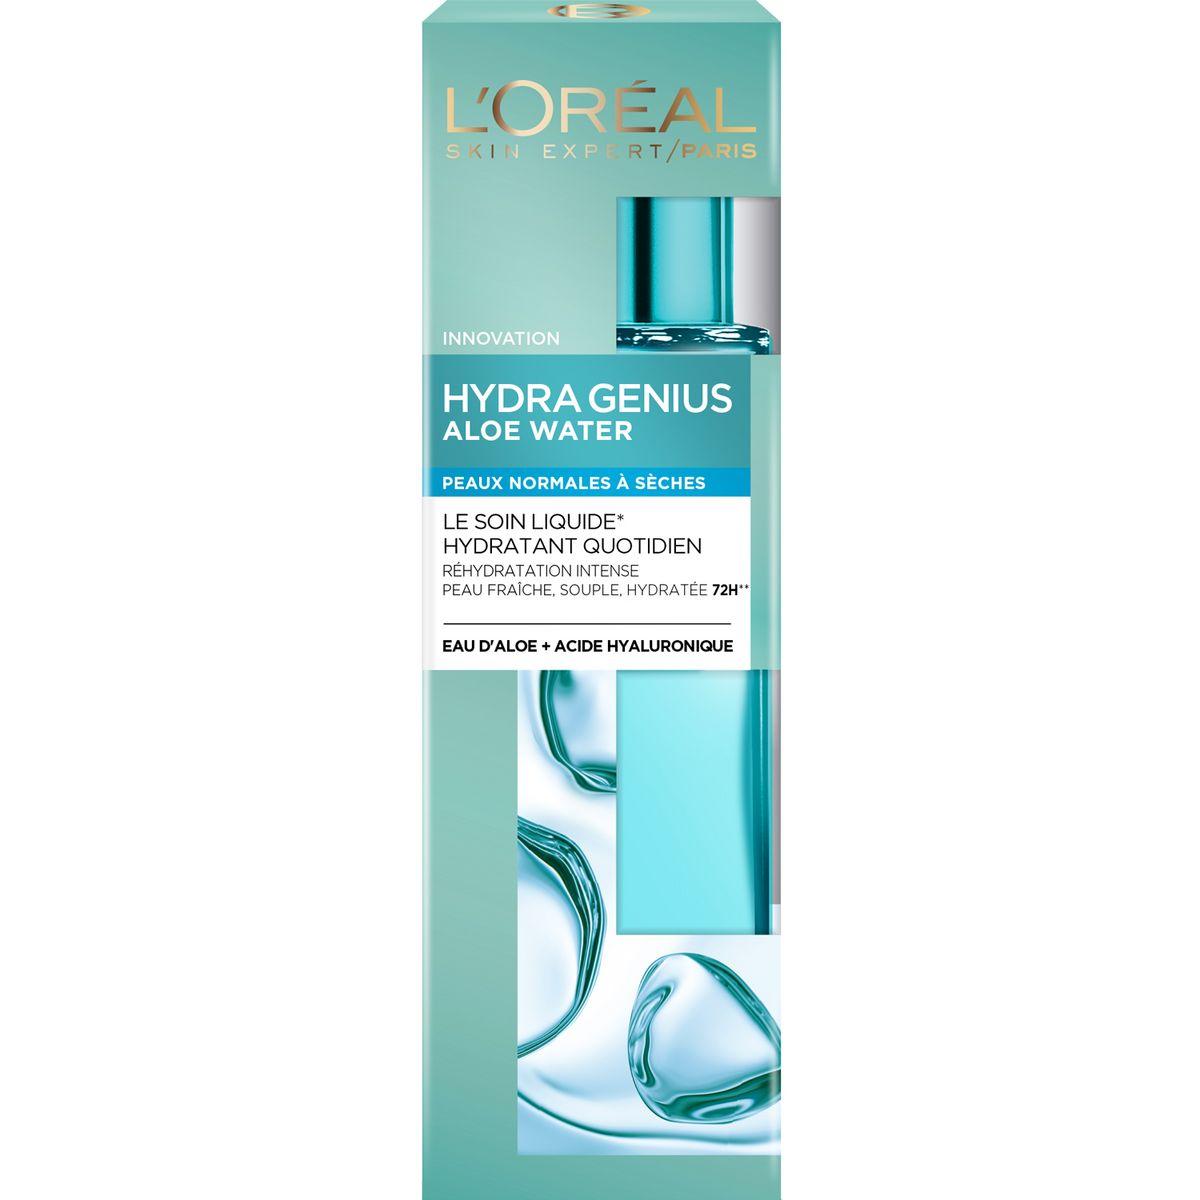 L'Oréal Hydra Genius soin liquide hydratant peaux normales à sèches 70ml